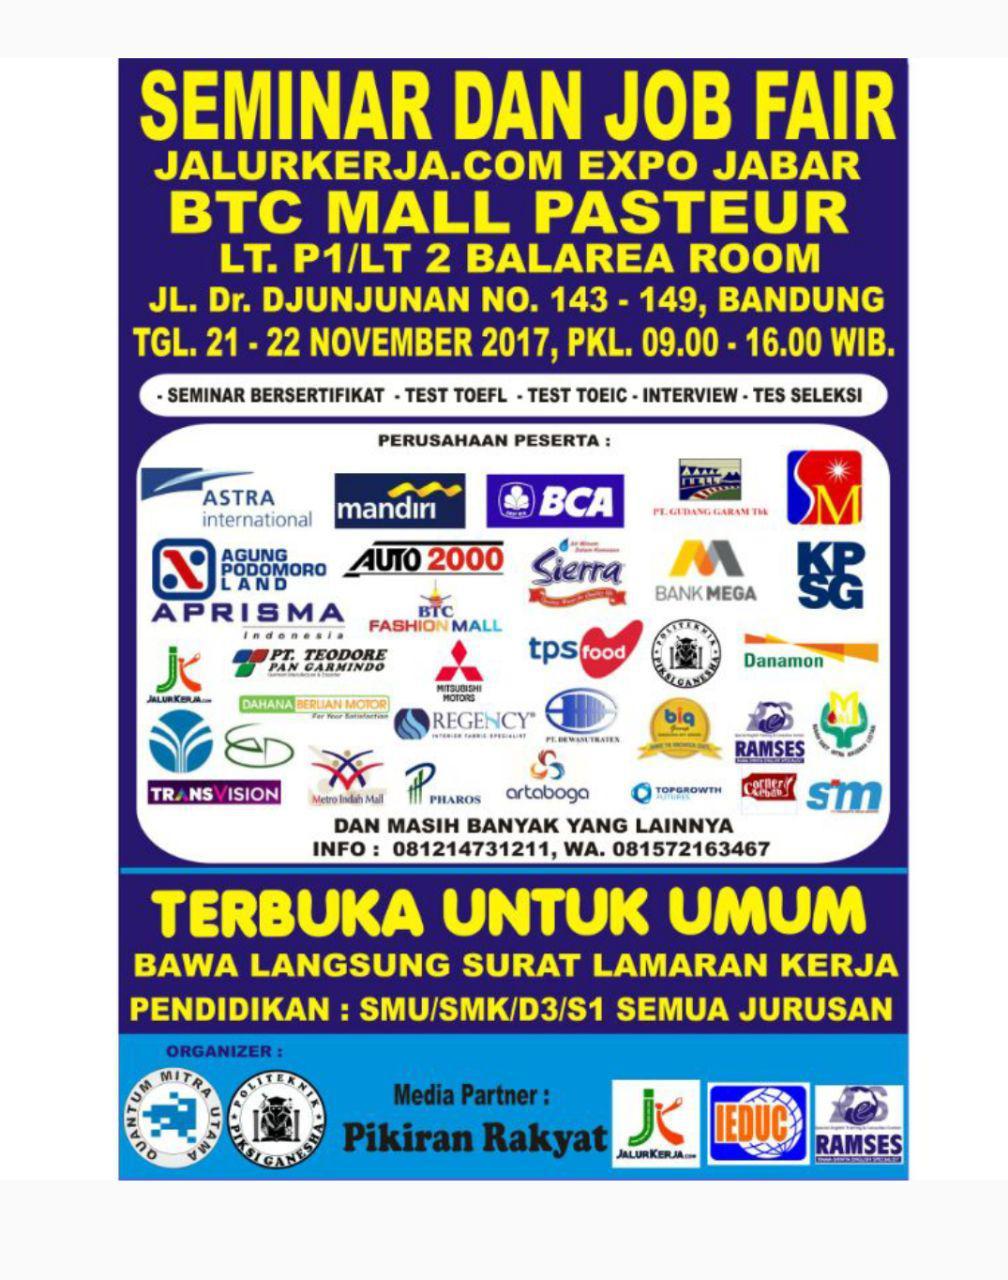 Seminar dan Job Fair BTC Mall Pasteur Bandung width=